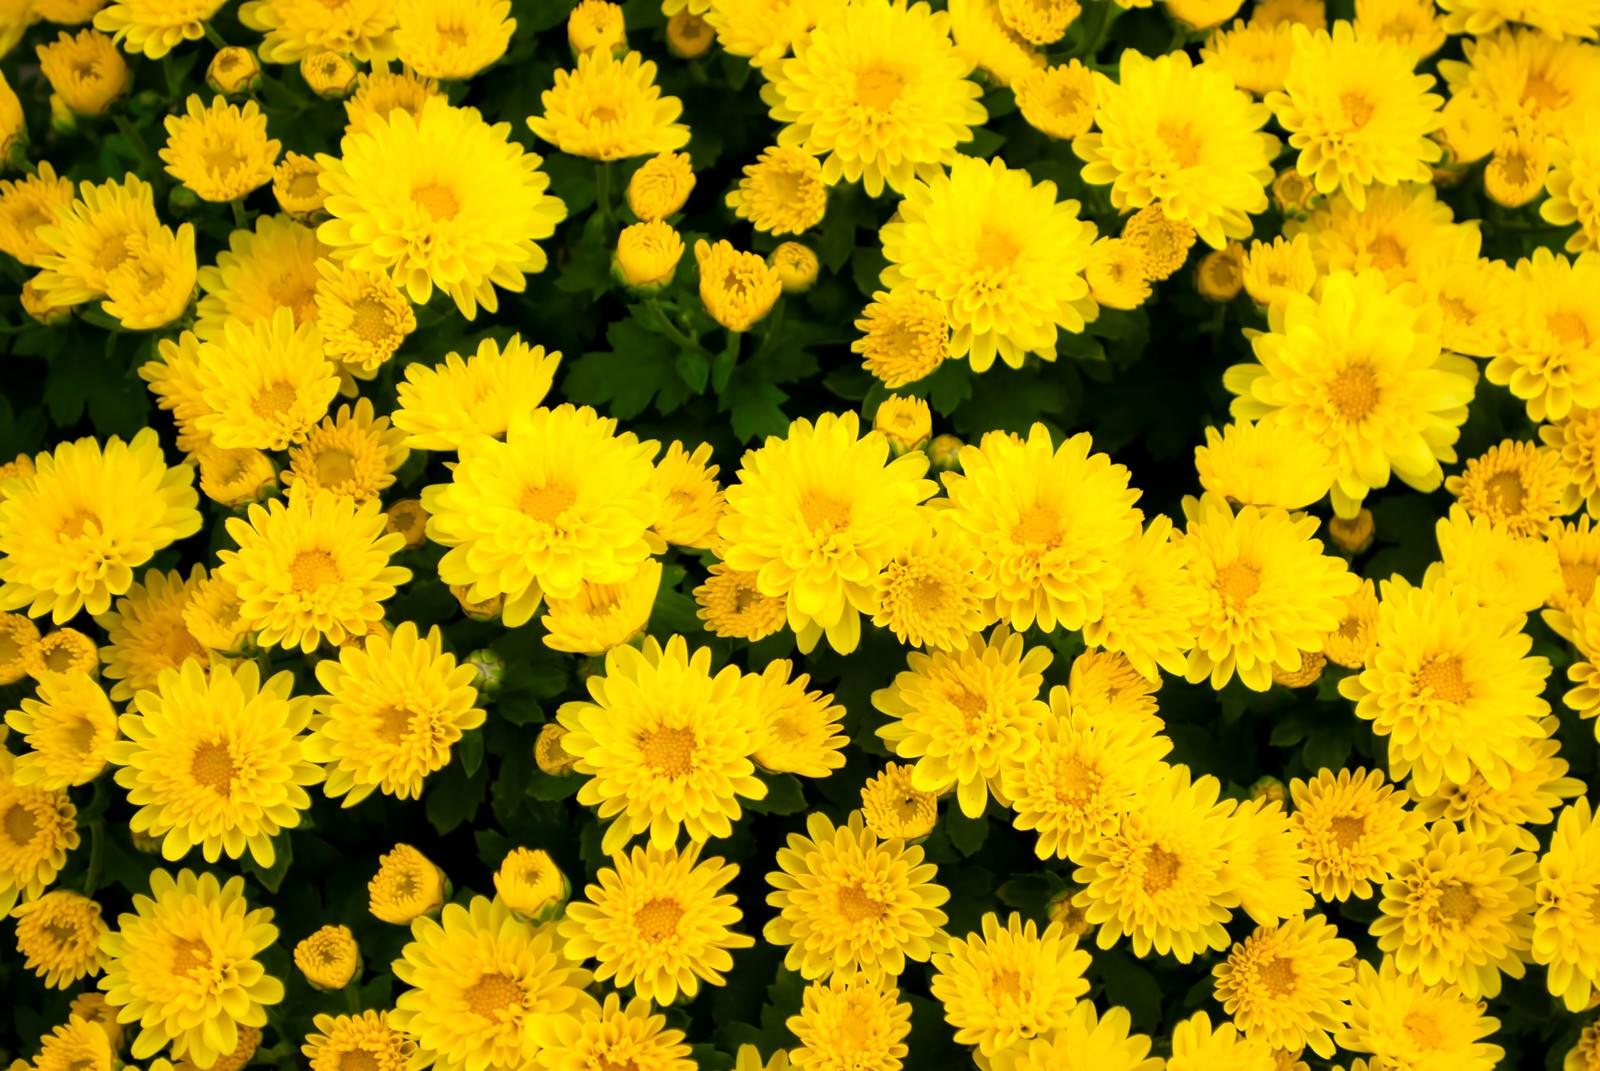 「黄色い花のテクスチャー黄色い花のテクスチャー」のフリー写真素材を拡大